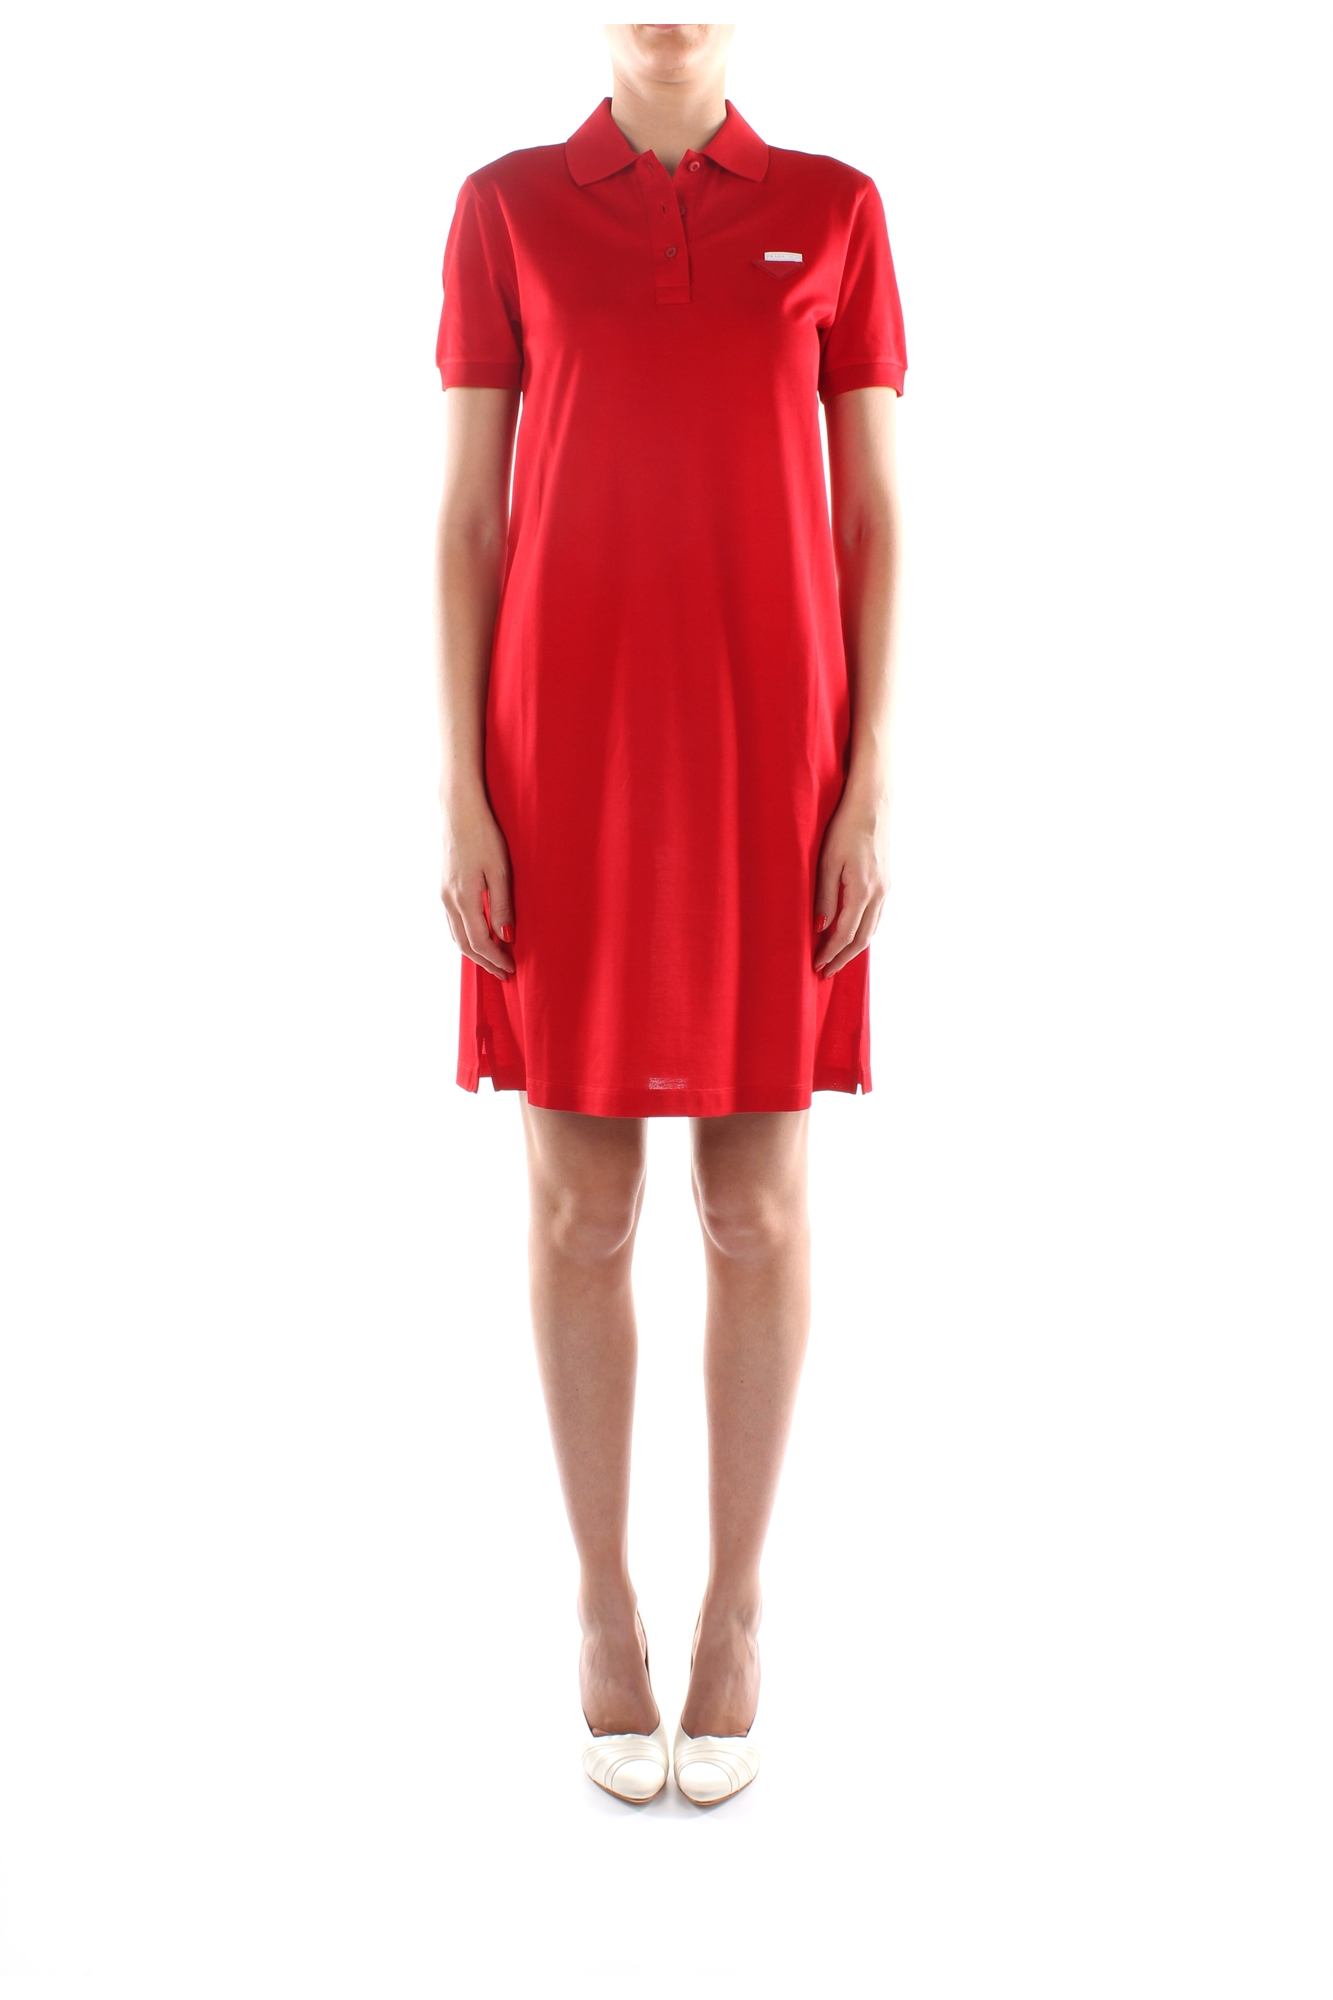 dresses prada women cotton red 133161rosso